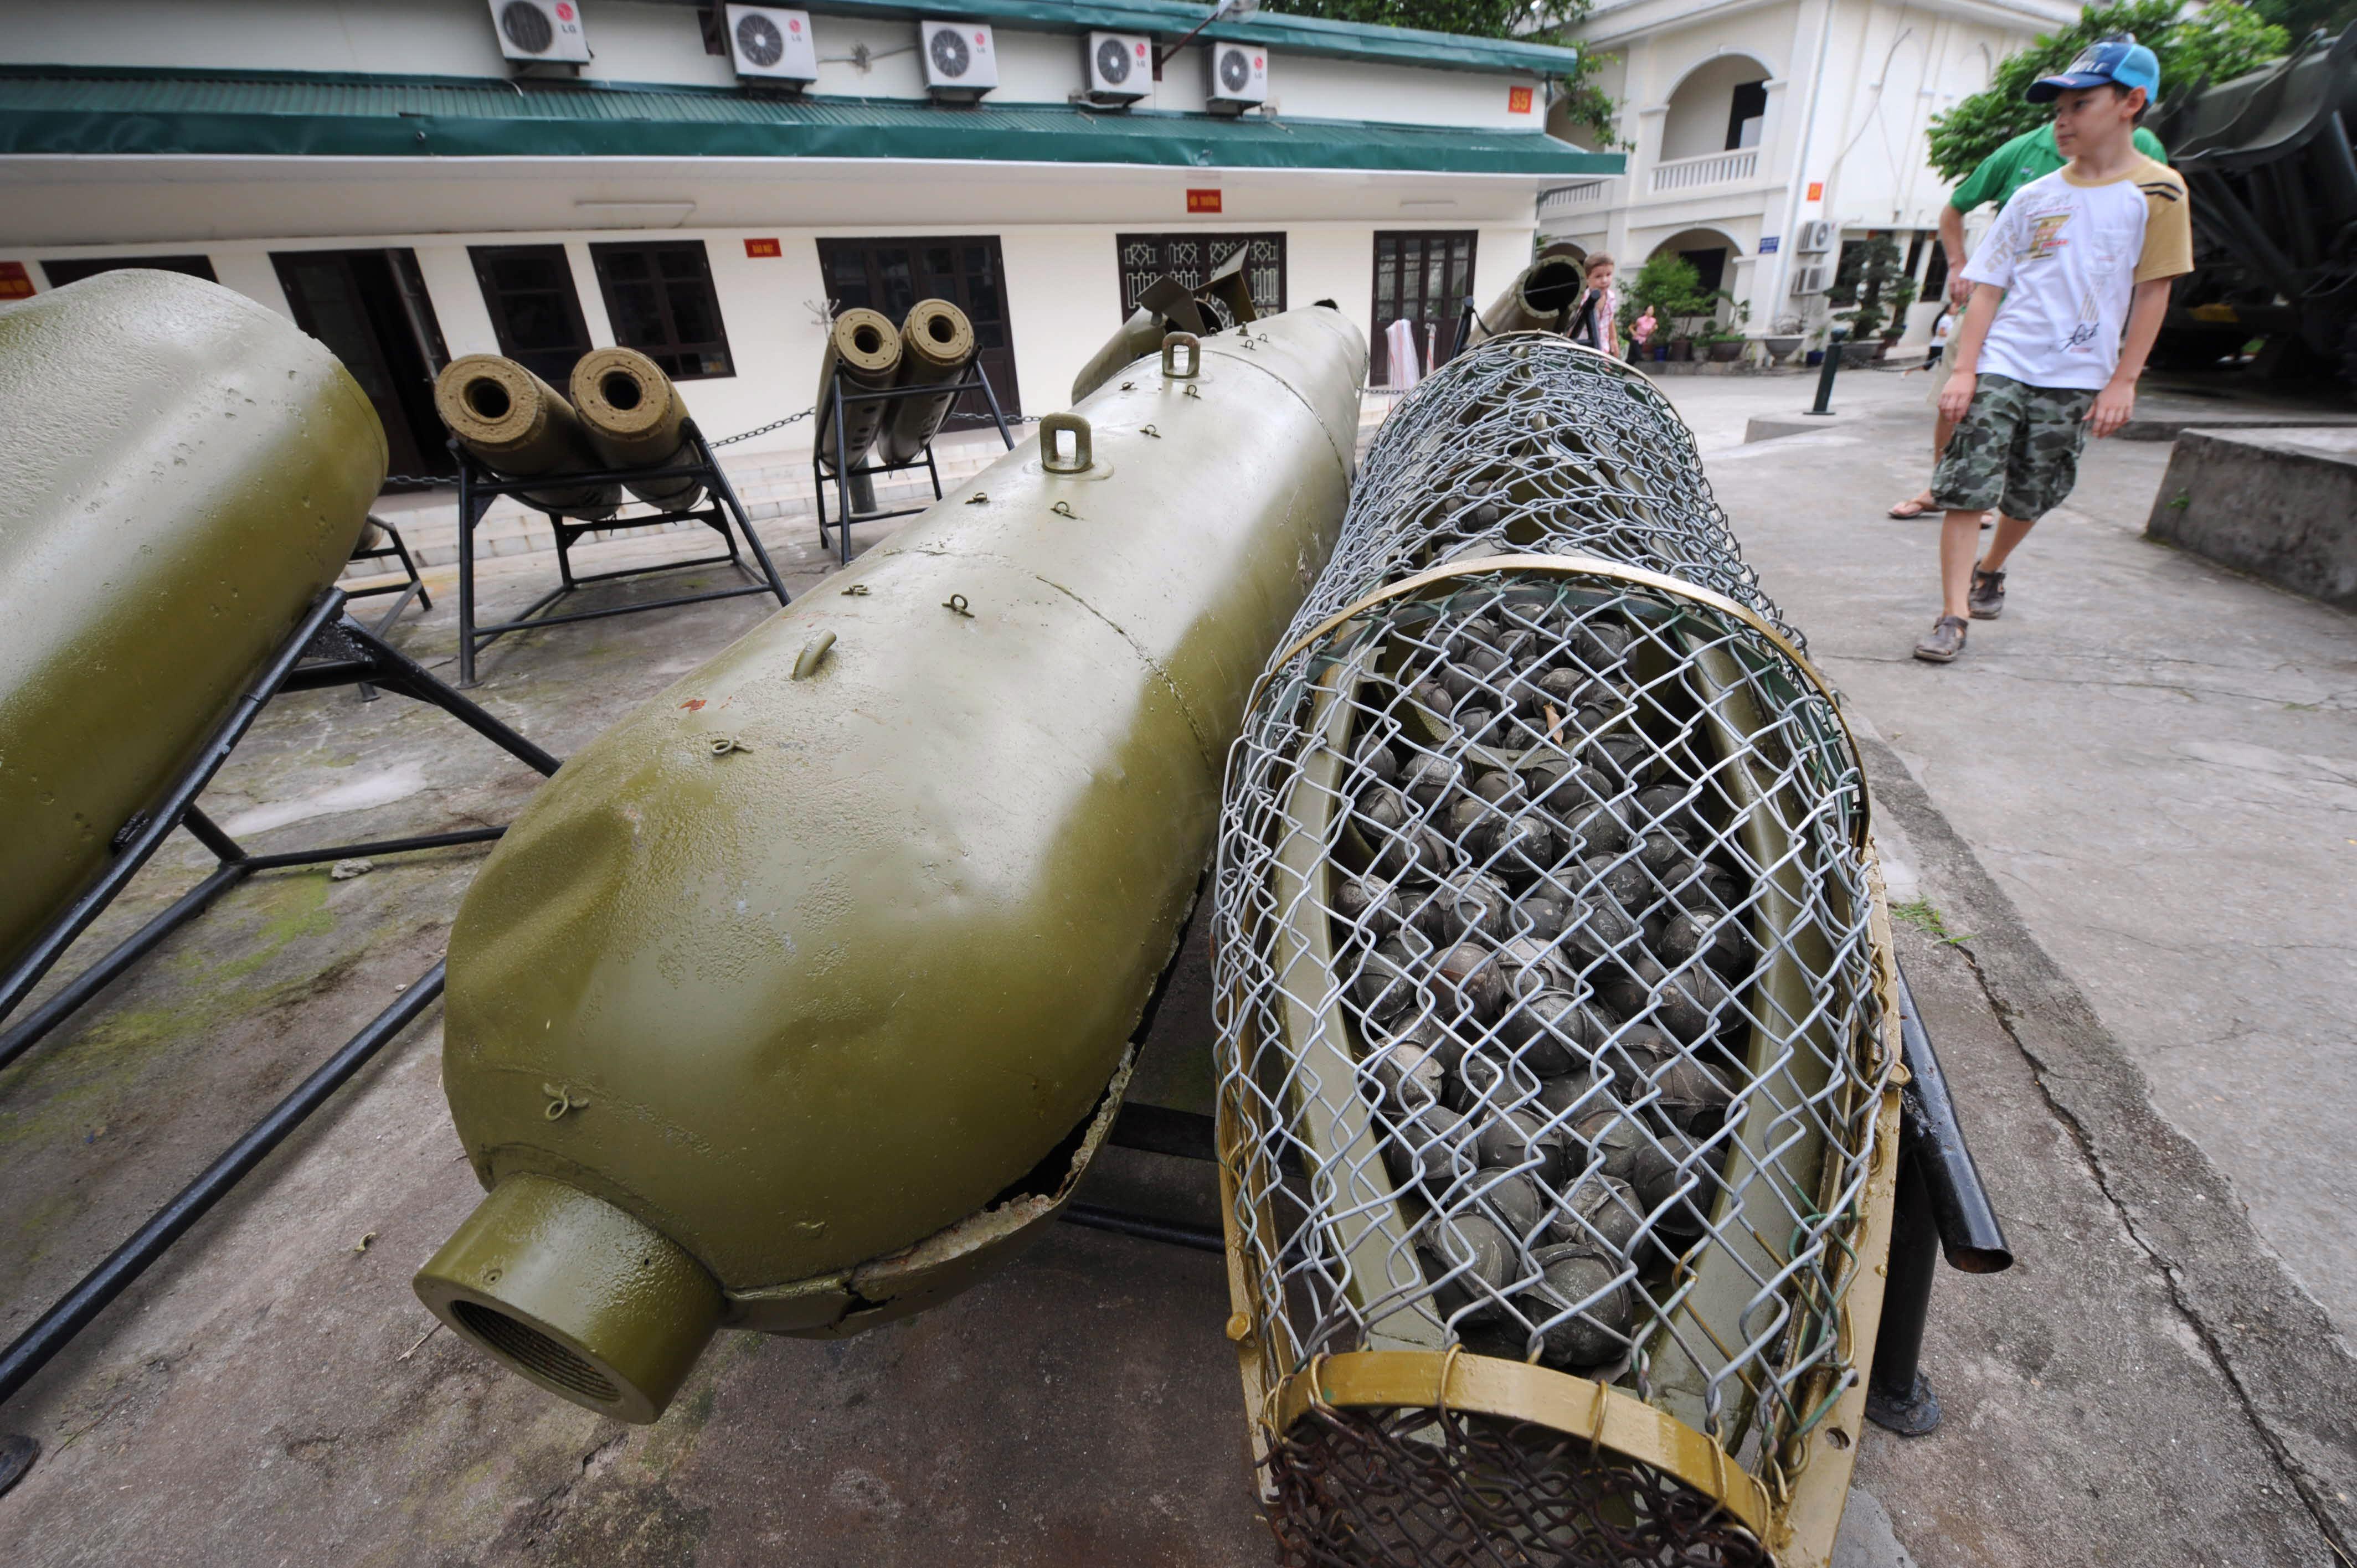 نماذج لقنابل عنقودية معروضة في فيتنام